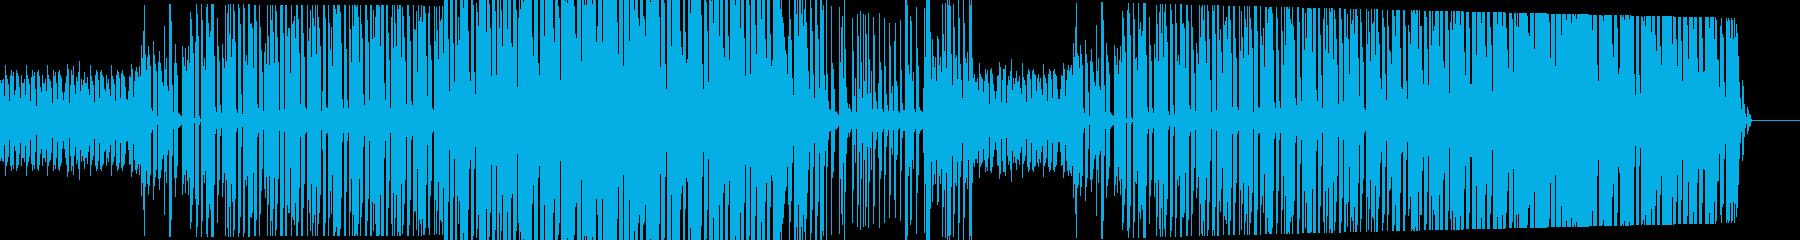 控えめでクールなテクノサウンドの再生済みの波形